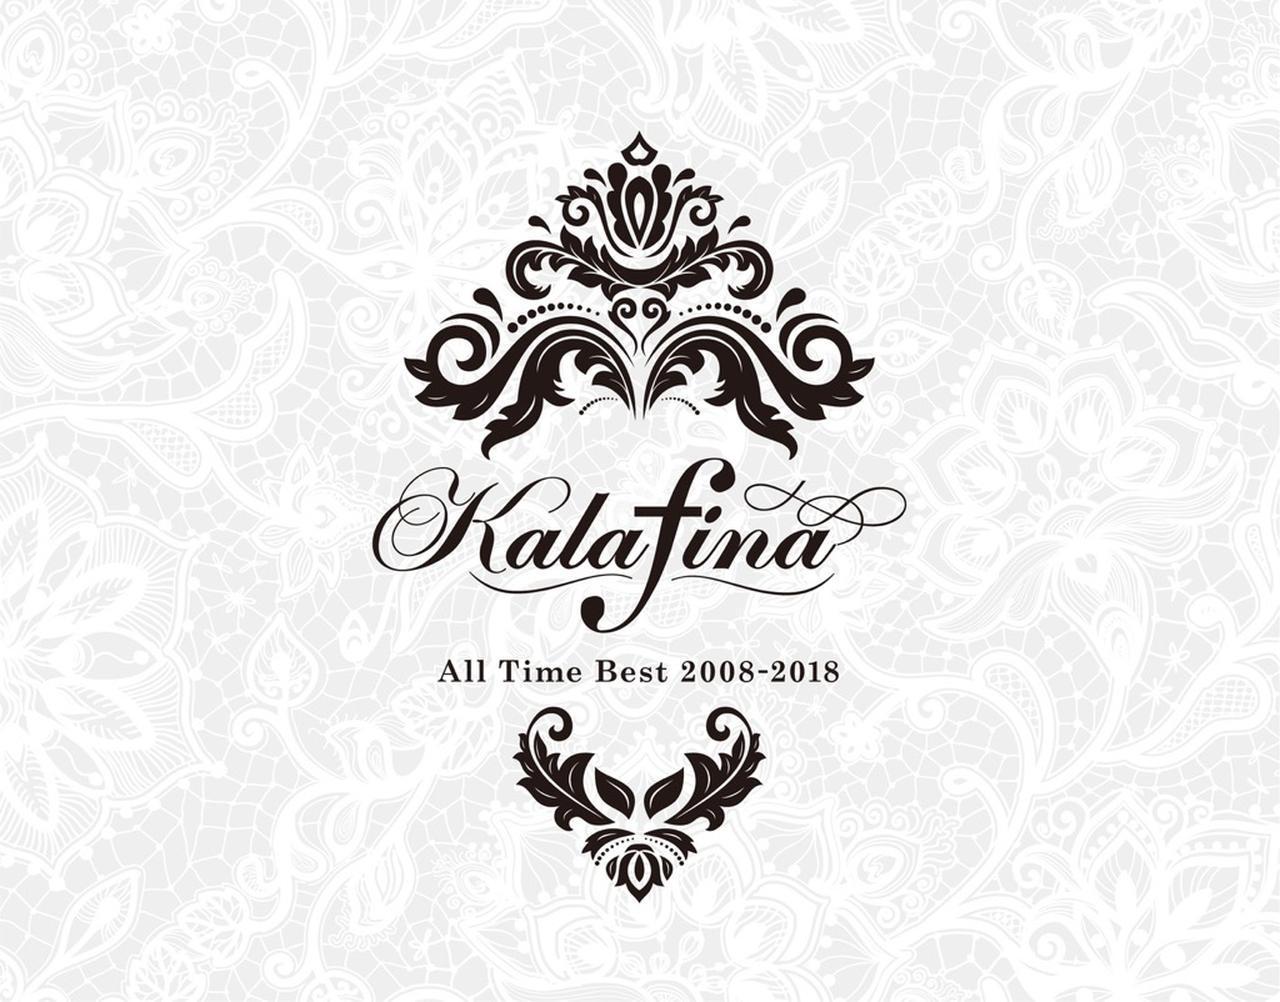 画像: Kalafina All Time Best 2008-2018/Kalafina